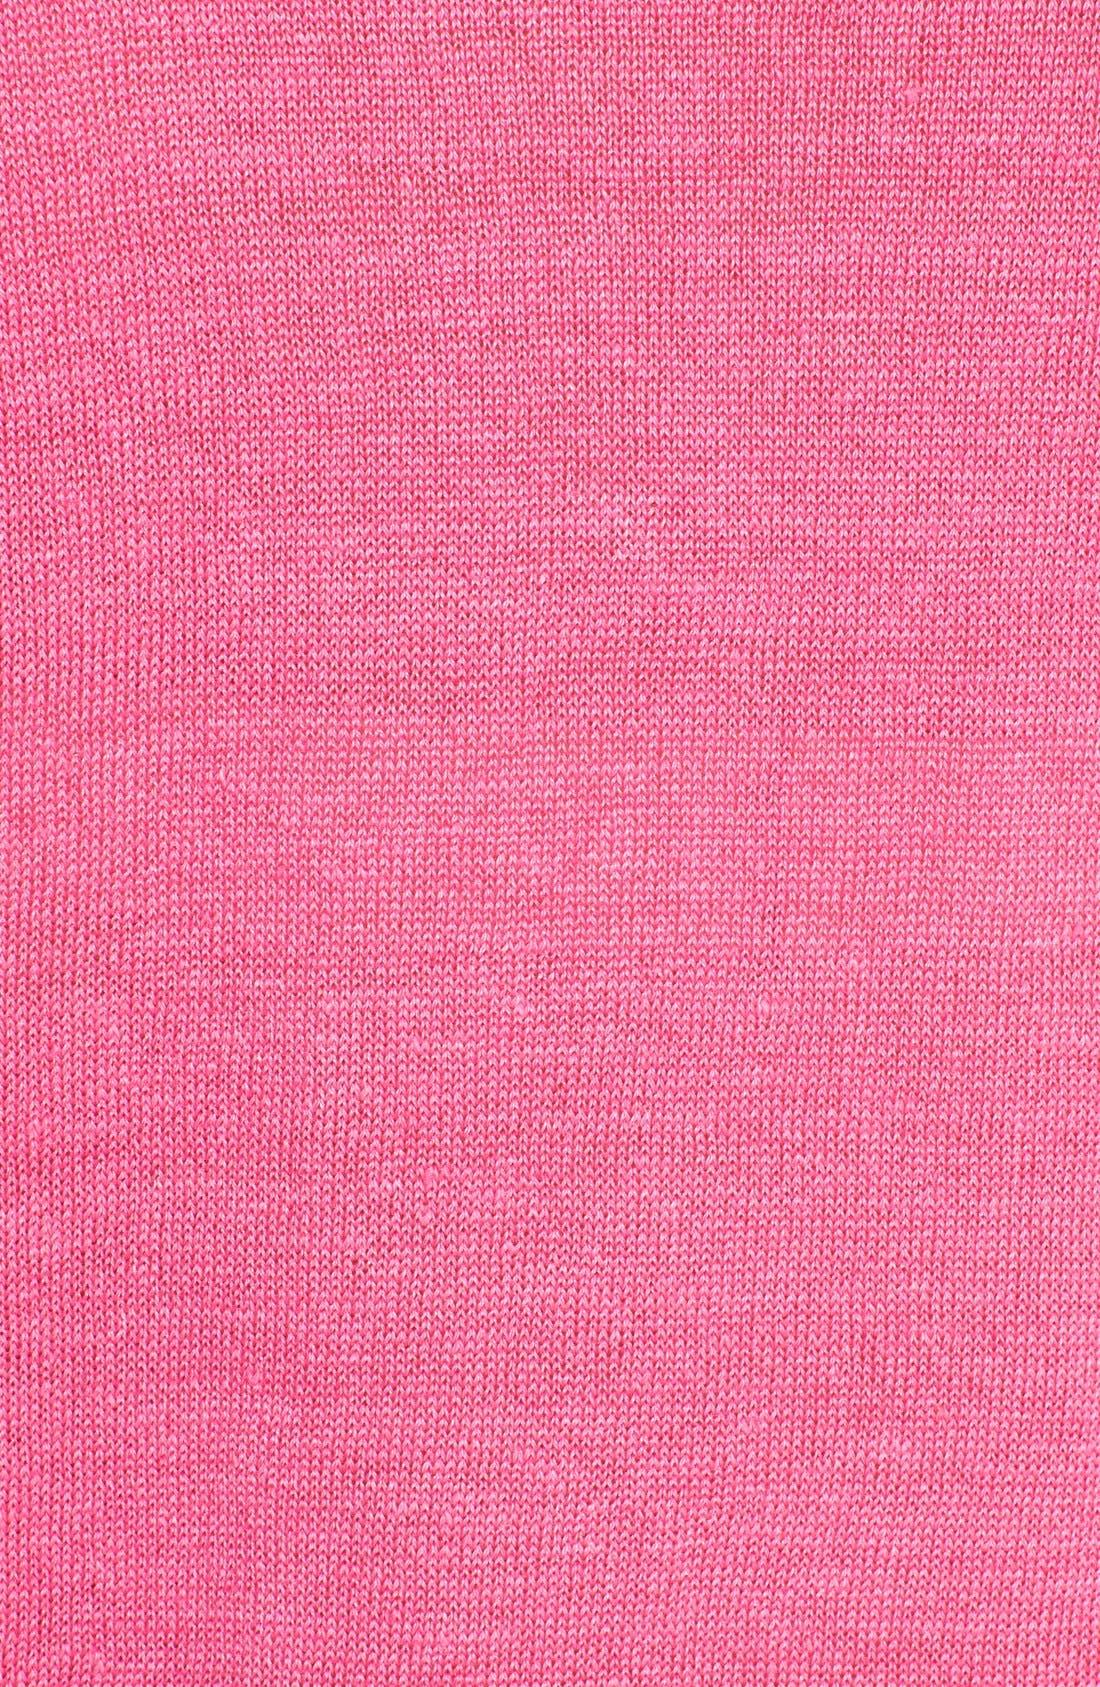 Alternate Image 3  - Lafayette 148 New York Oversized Linen V-Neck Sweater